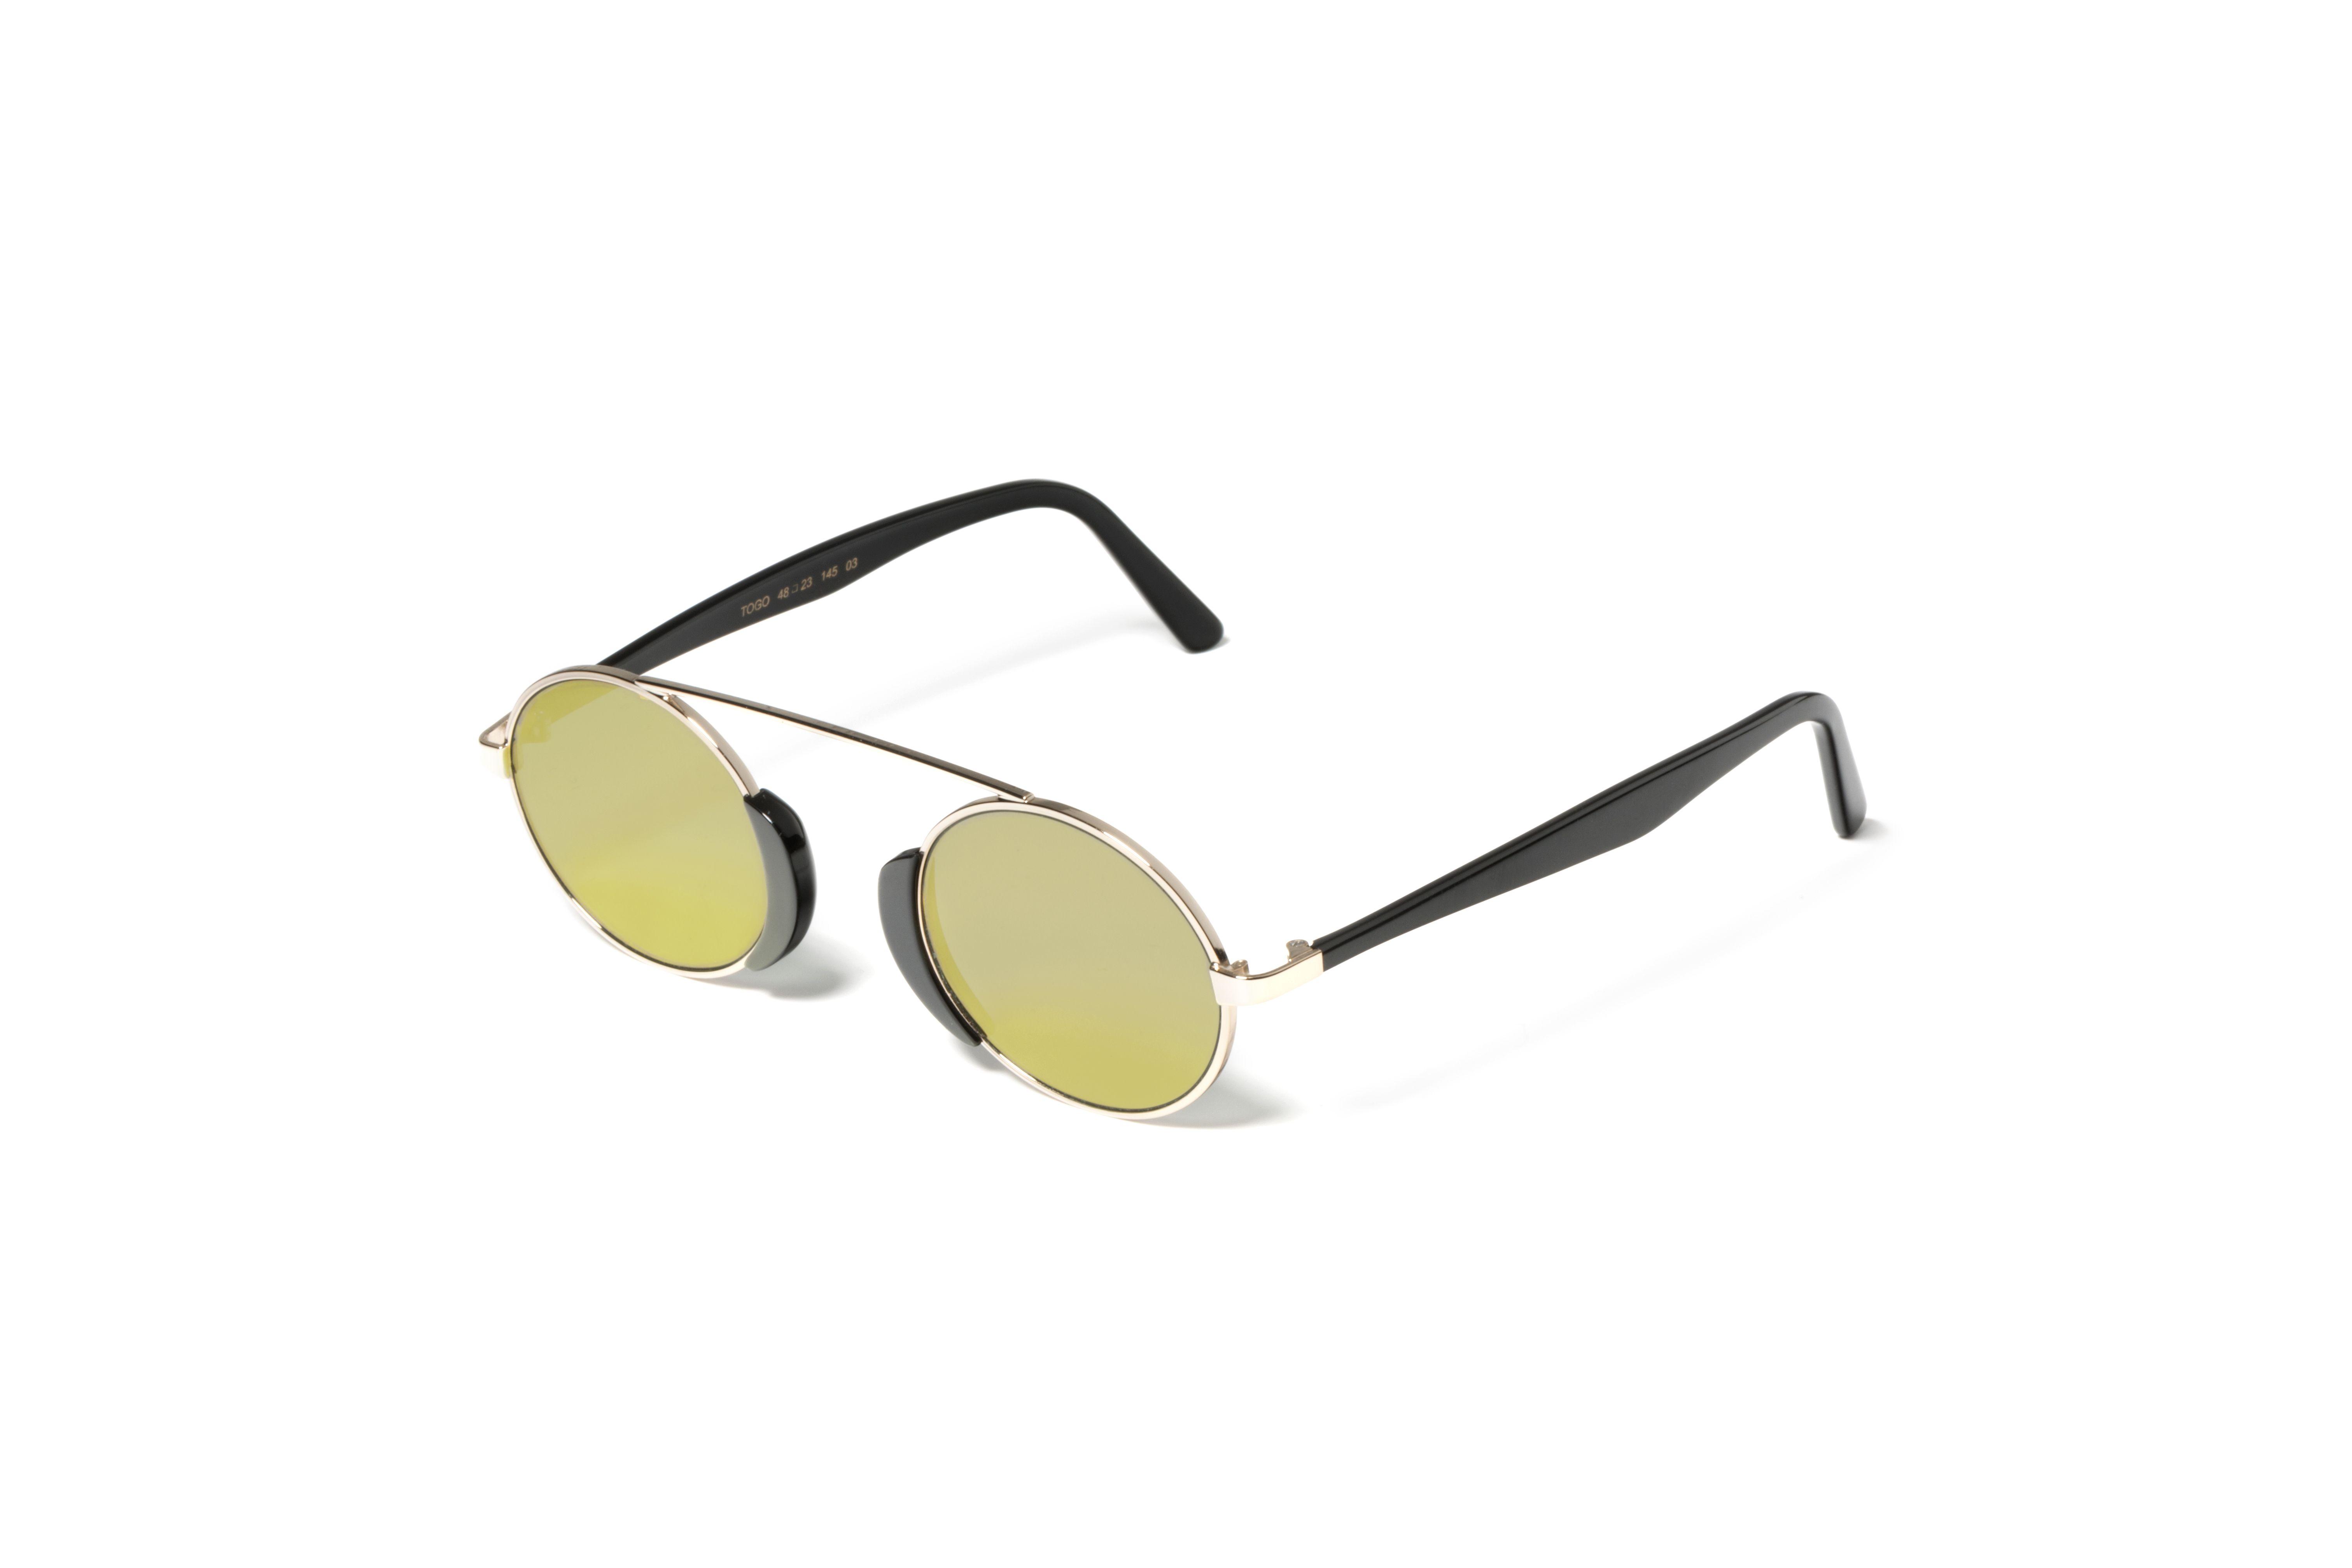 L.G.R sunglasses Mod. TOGO black flat gold mirror